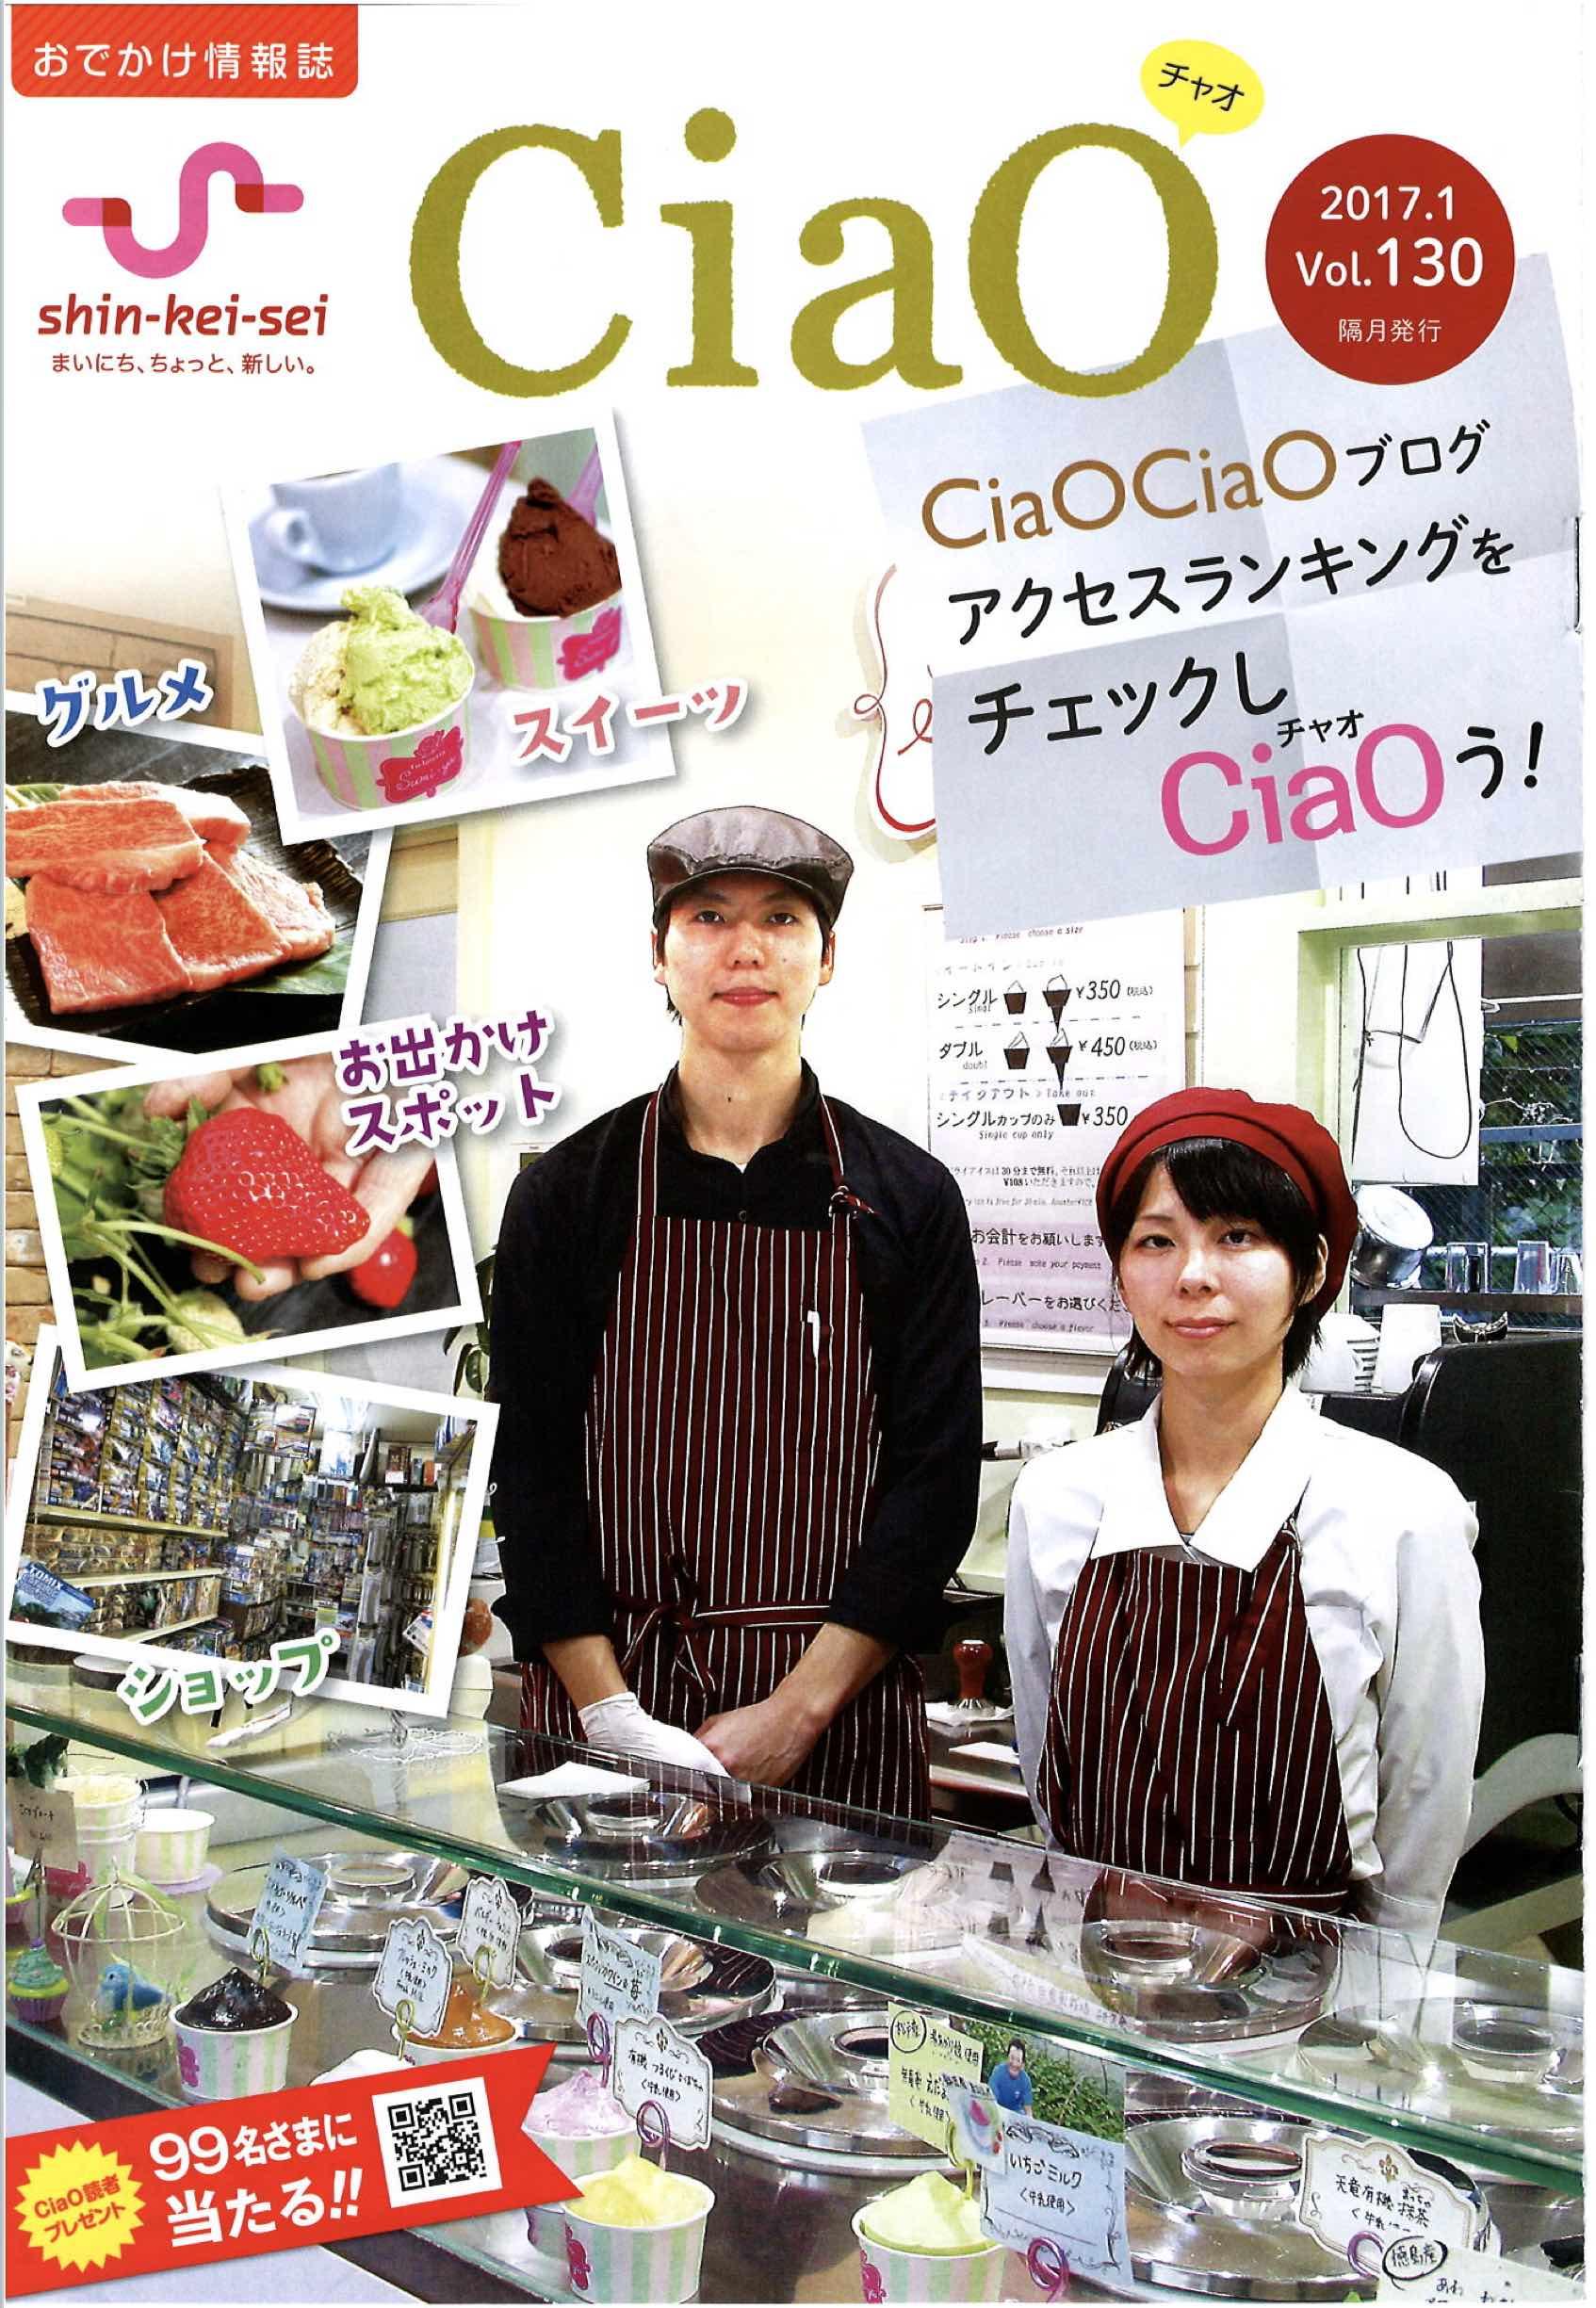 情報誌「CiaO」に小澤真教授が寄稿いたしました。